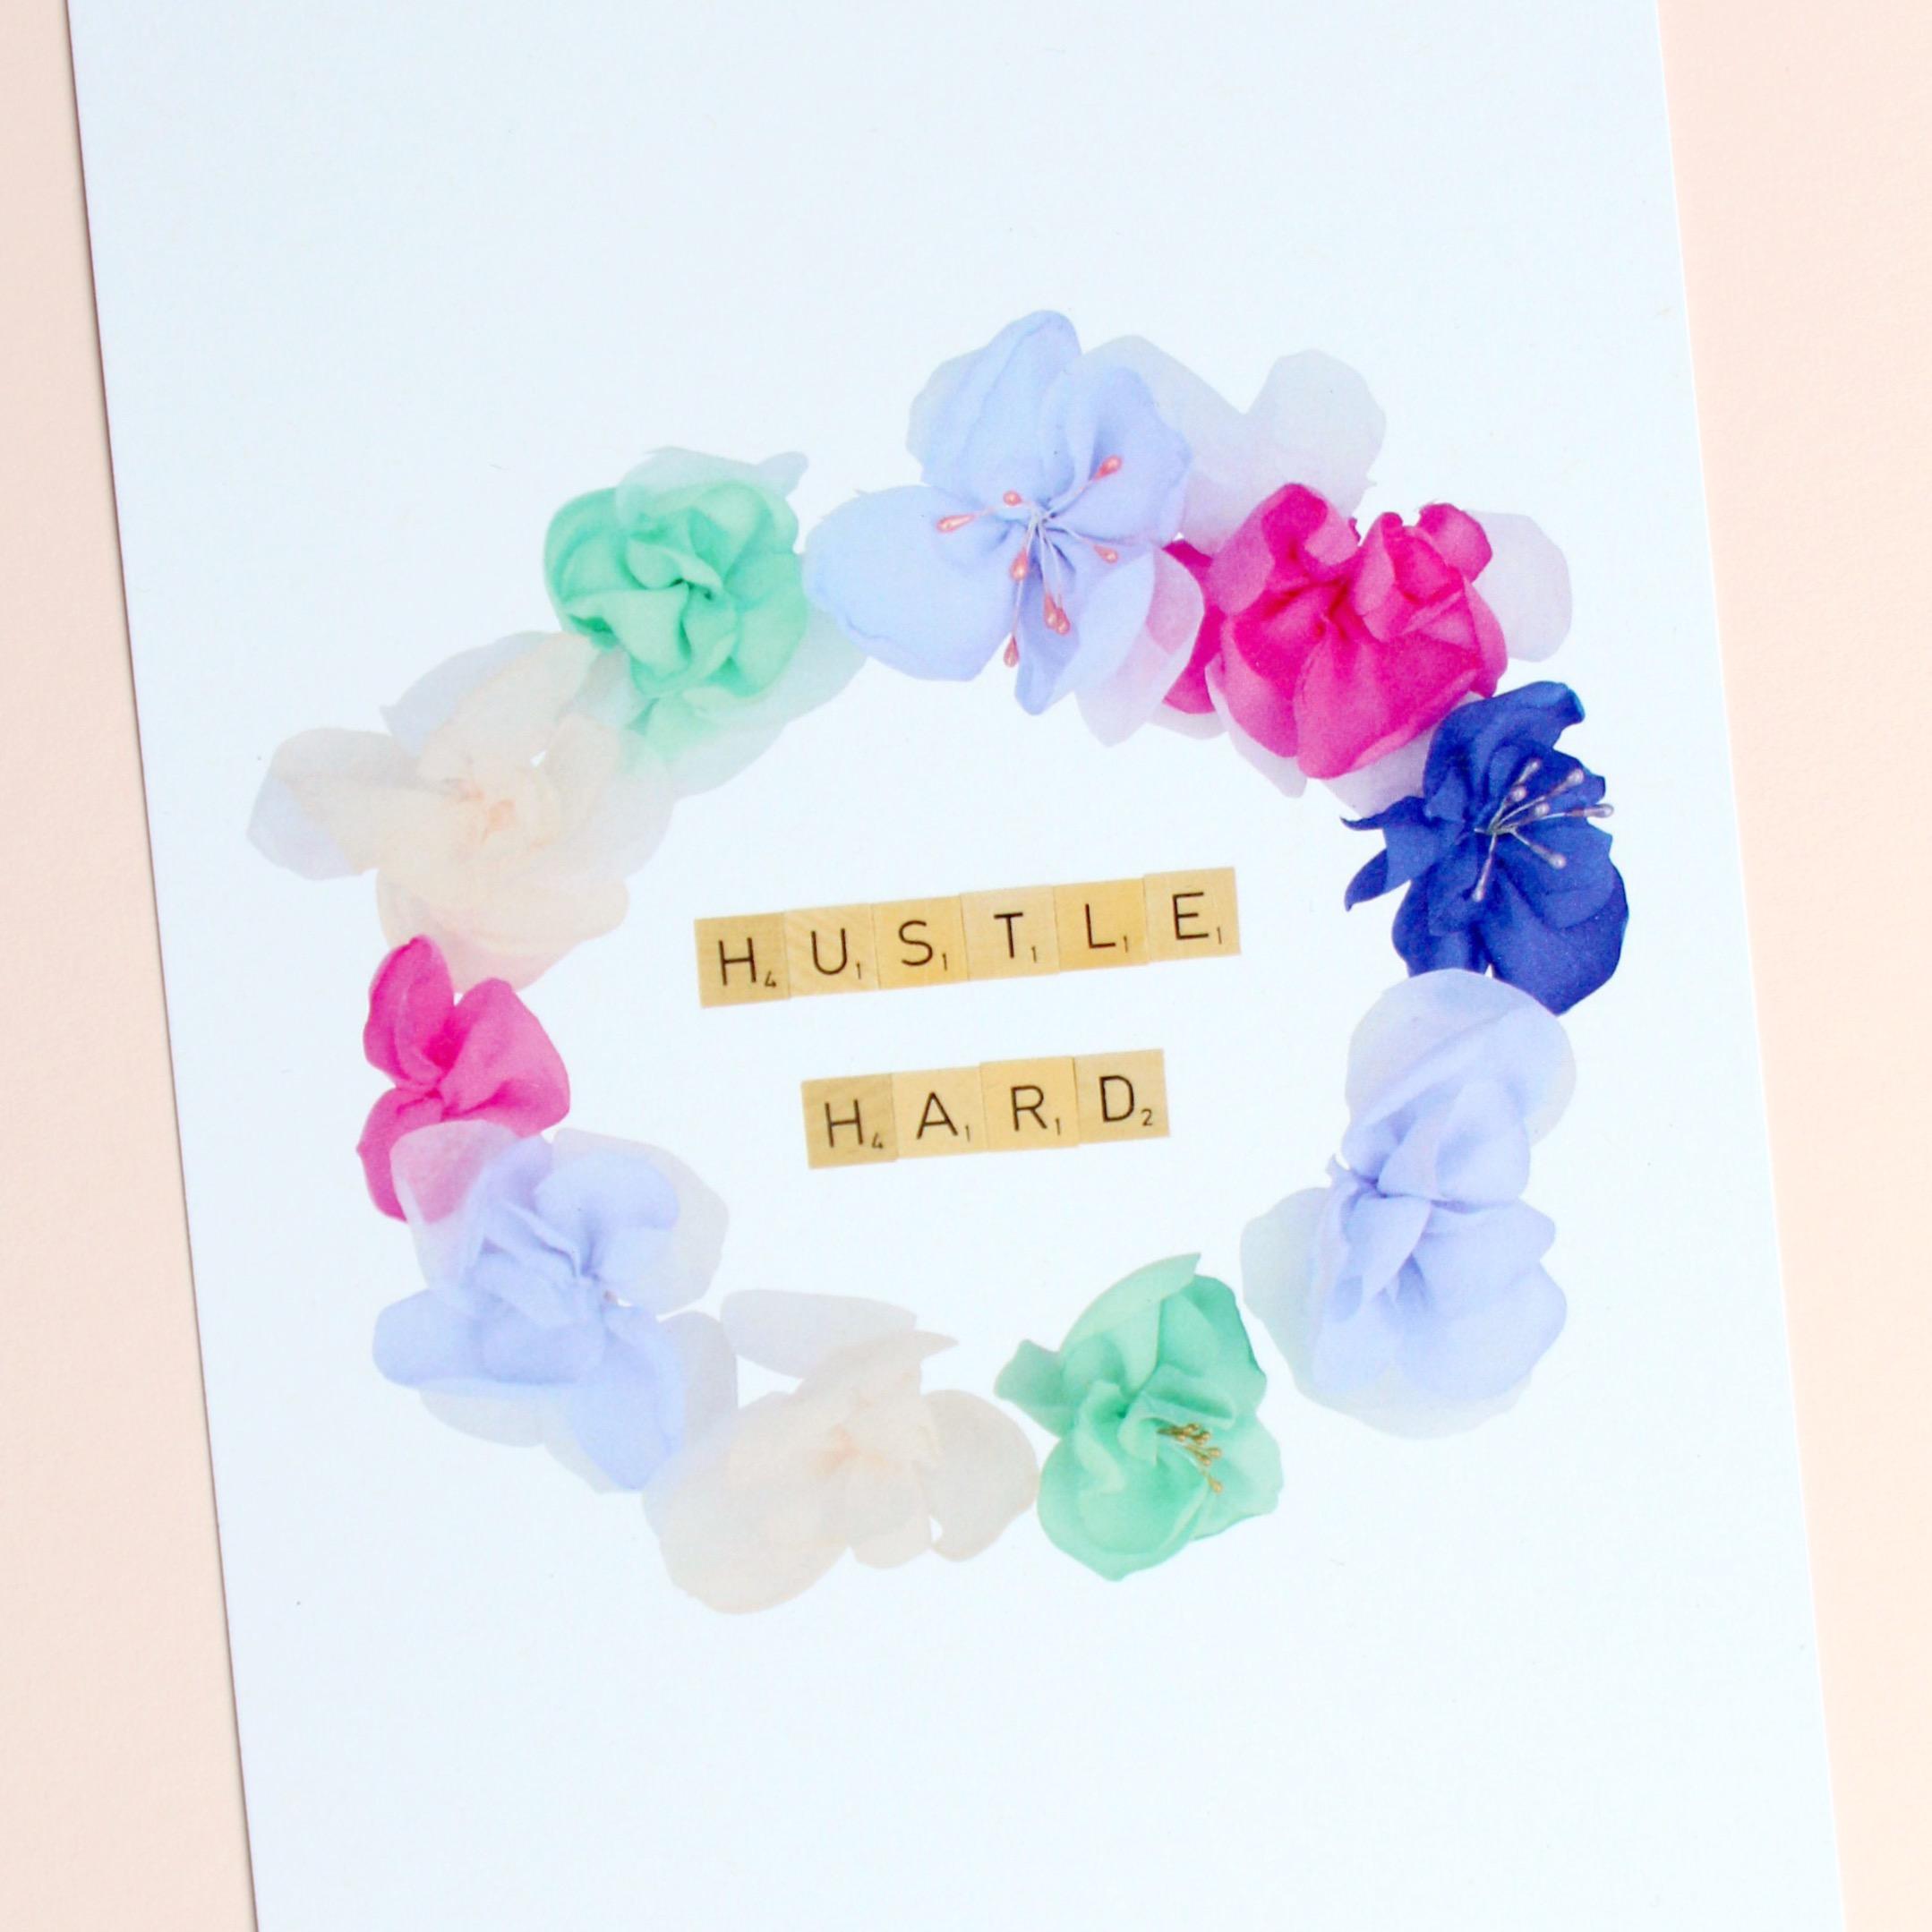 Hustle Hard Motivational print pink background